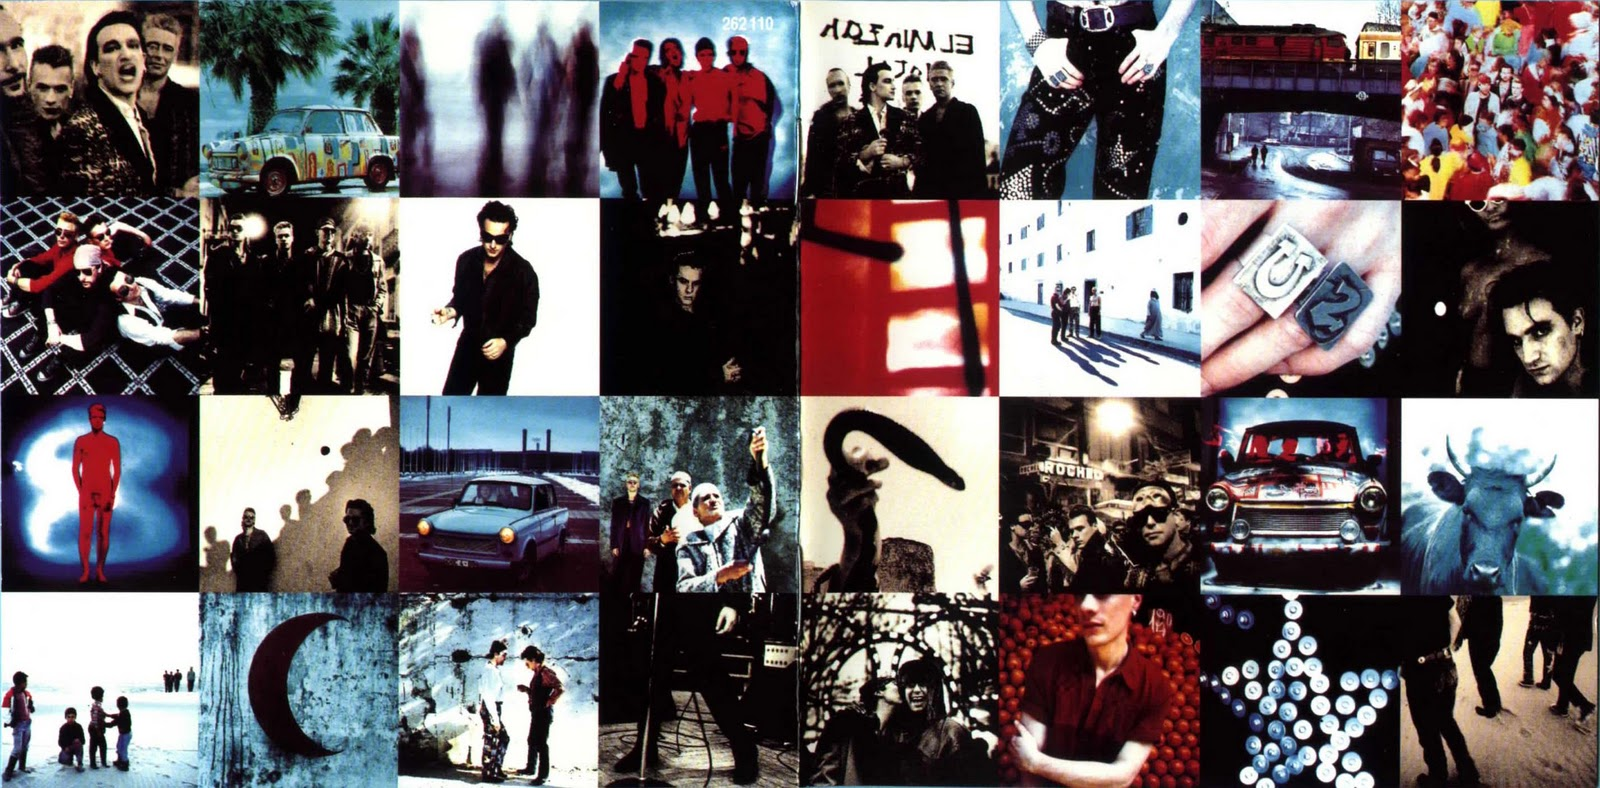 U2 - Achtung Baby: Lançado em 91, o sétimo disco da banda irlandesa trazia em seu encarte um enorme painel de fotos da banda. Uma delas traz o baixista Adam Clayton em nu frontal. Você consegue encontrá-la na imagem acima?